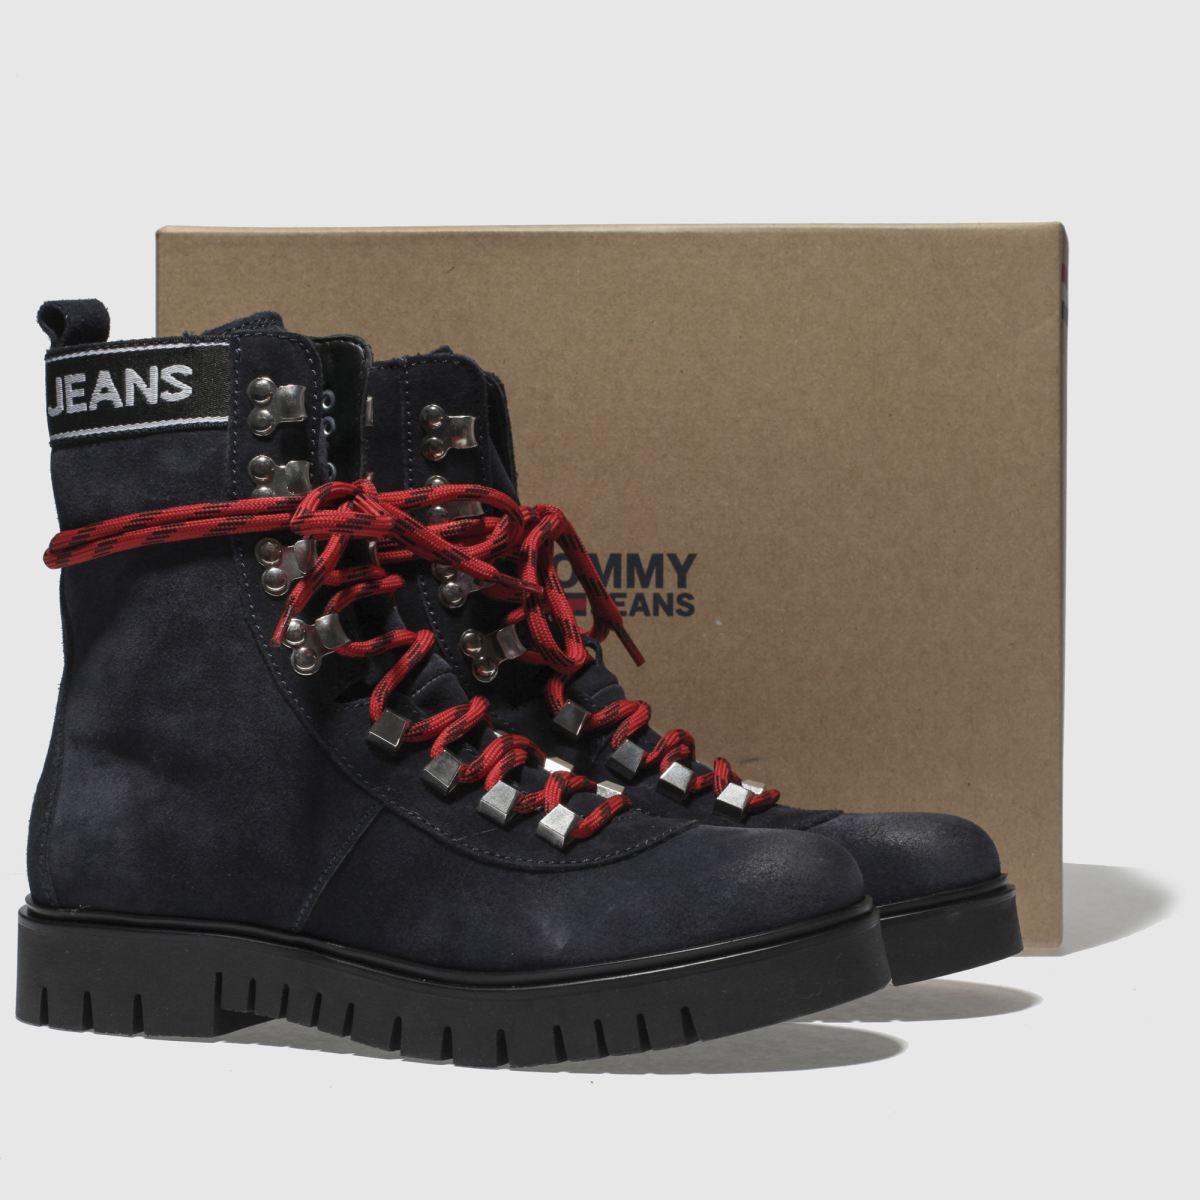 Damen Marineblau tommy hilfiger Tj Hiking Qualität Boots | schuh Gute Qualität Hiking beliebte Schuhe e82686